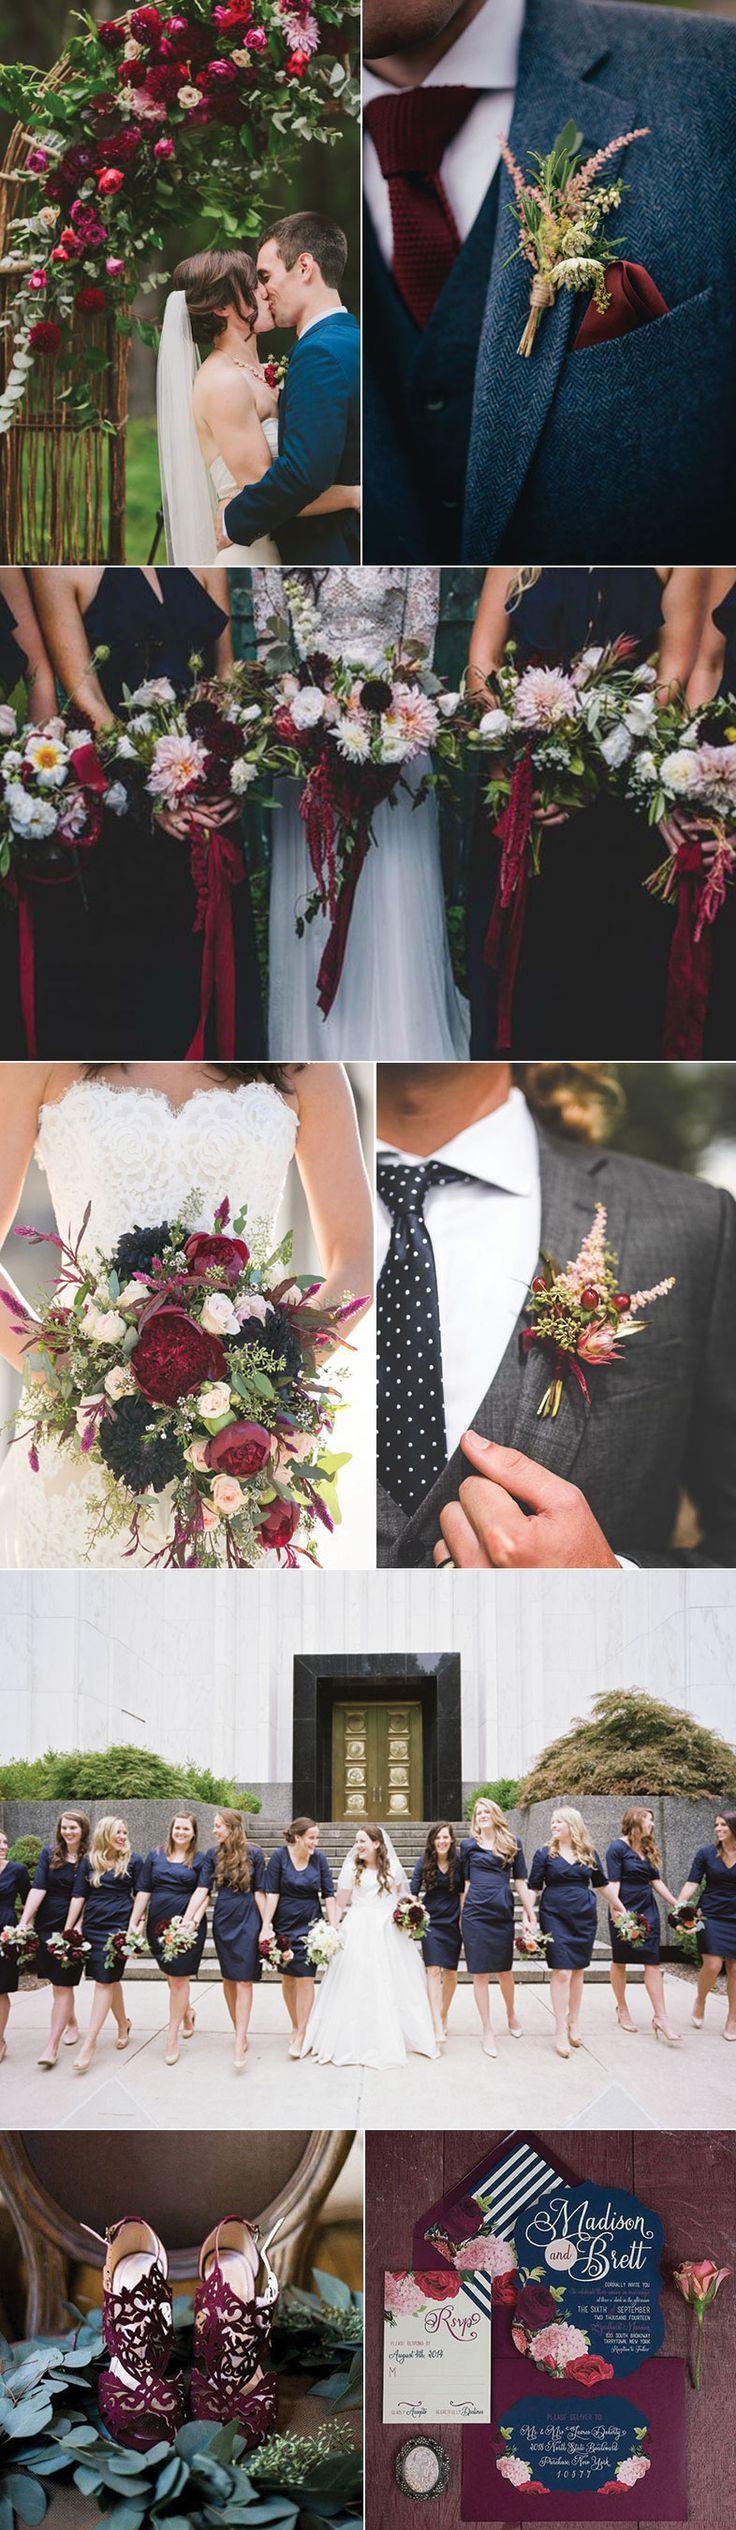 25+ best burgundy bouquet ideas on pinterest | burgundy wedding